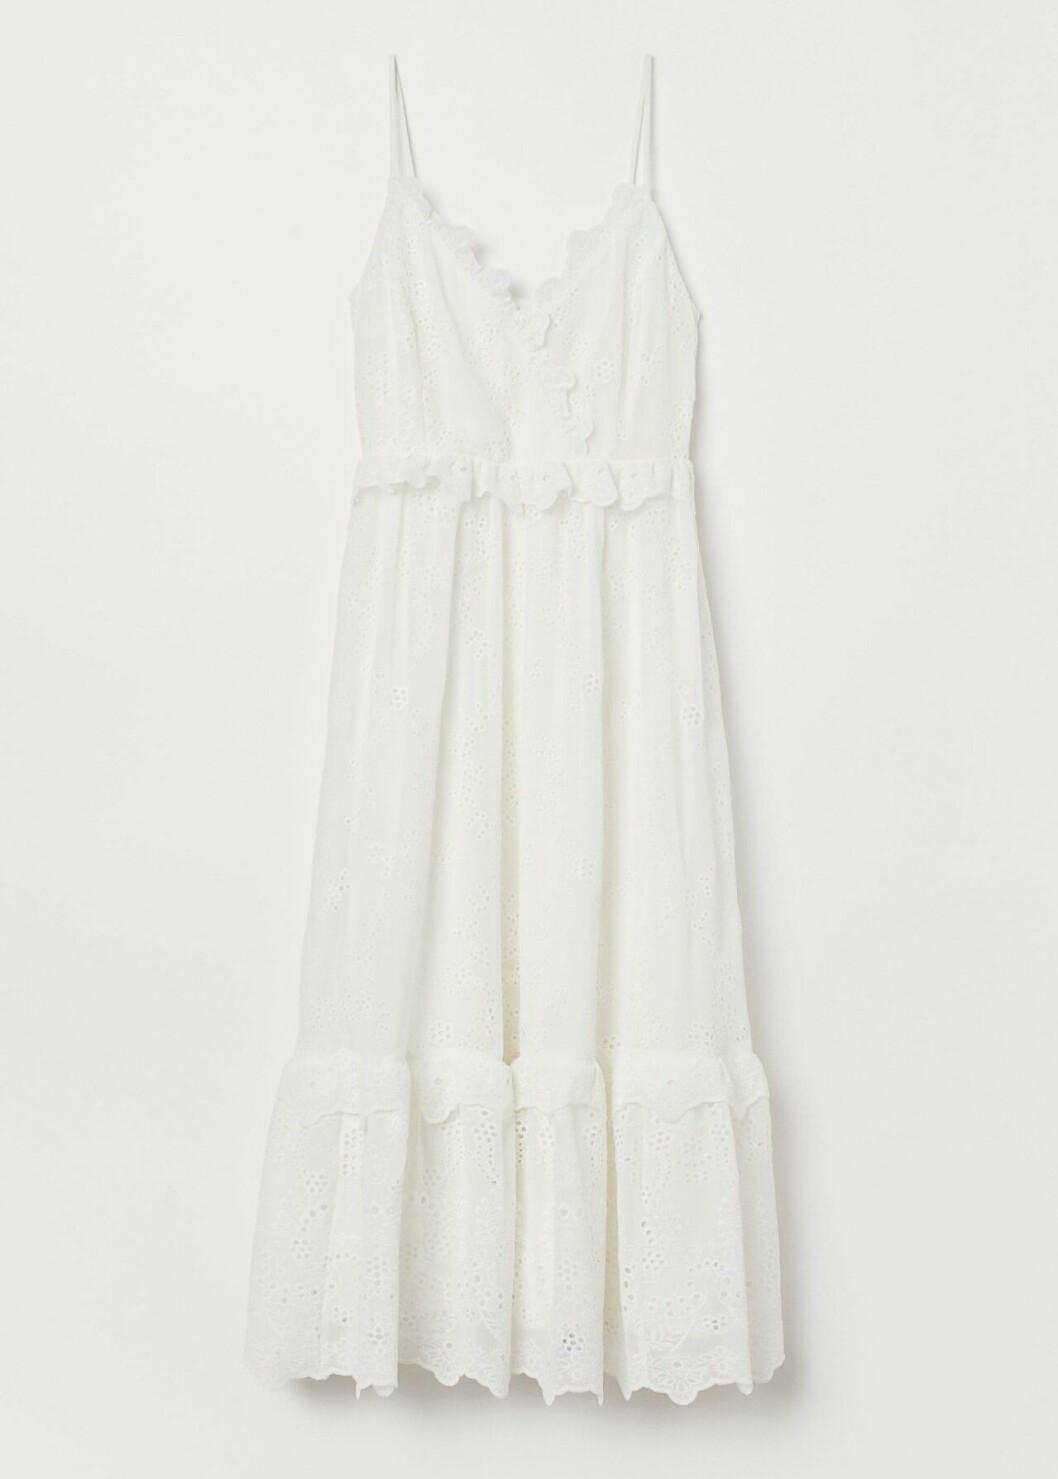 Vit enkel brudklänning med volanger och tunna band